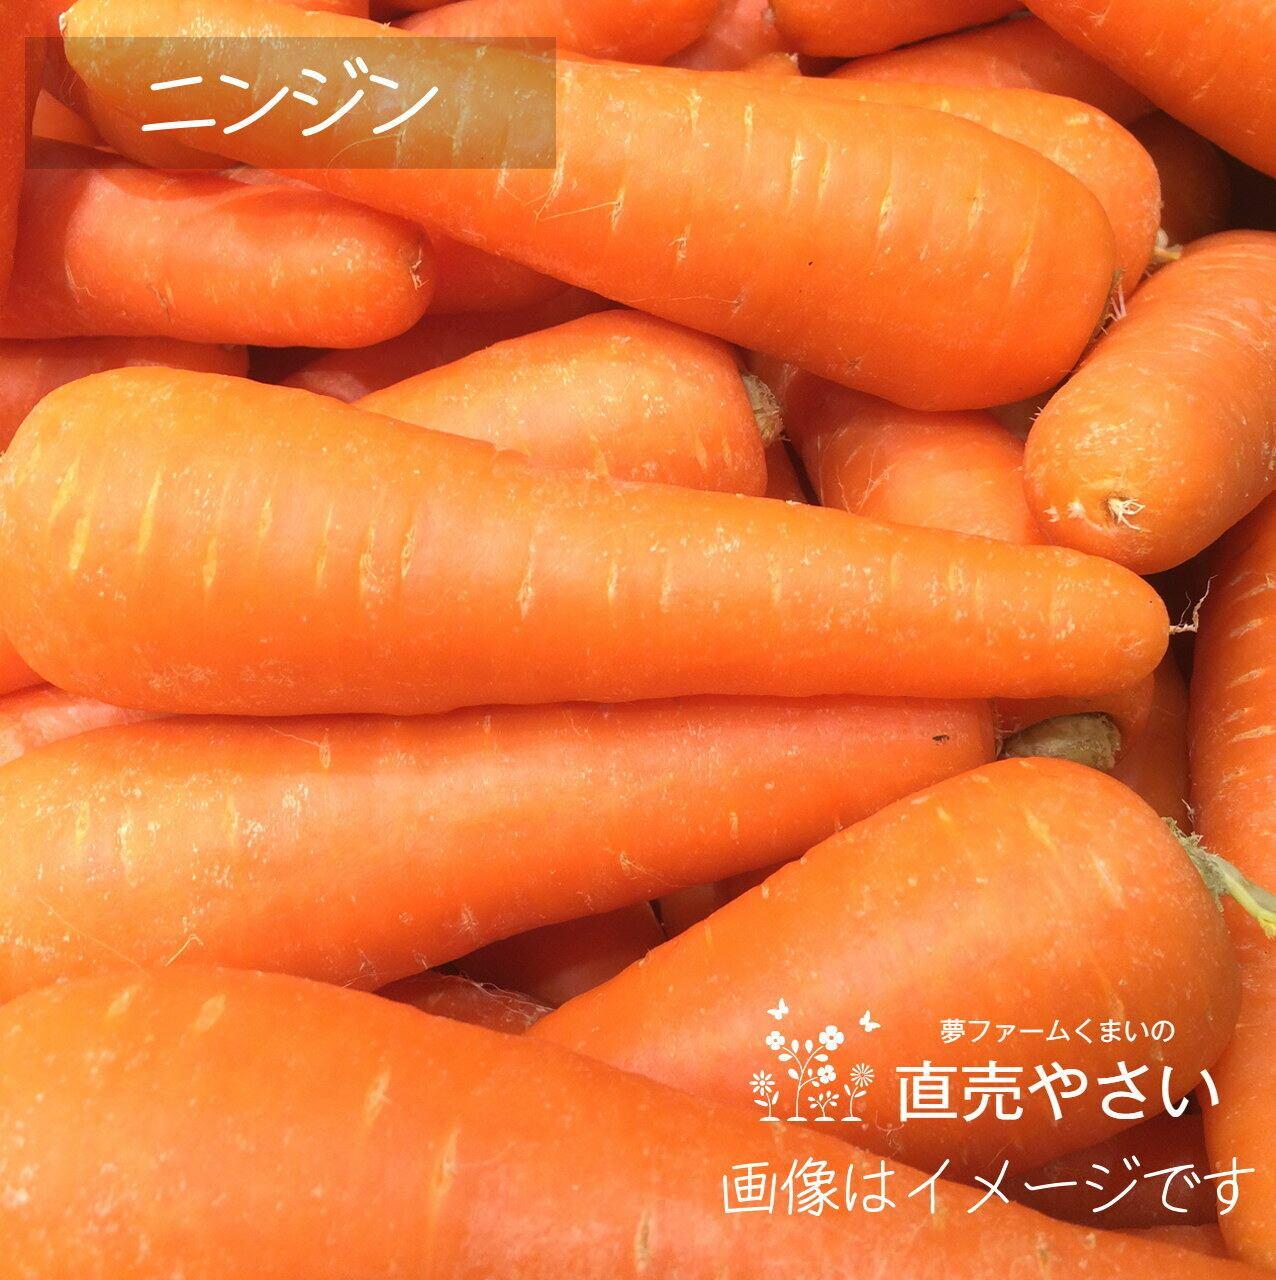 11月の朝採り直売野菜 : ニンジン 約300g 新鮮な冬野菜 11月21日発送予定